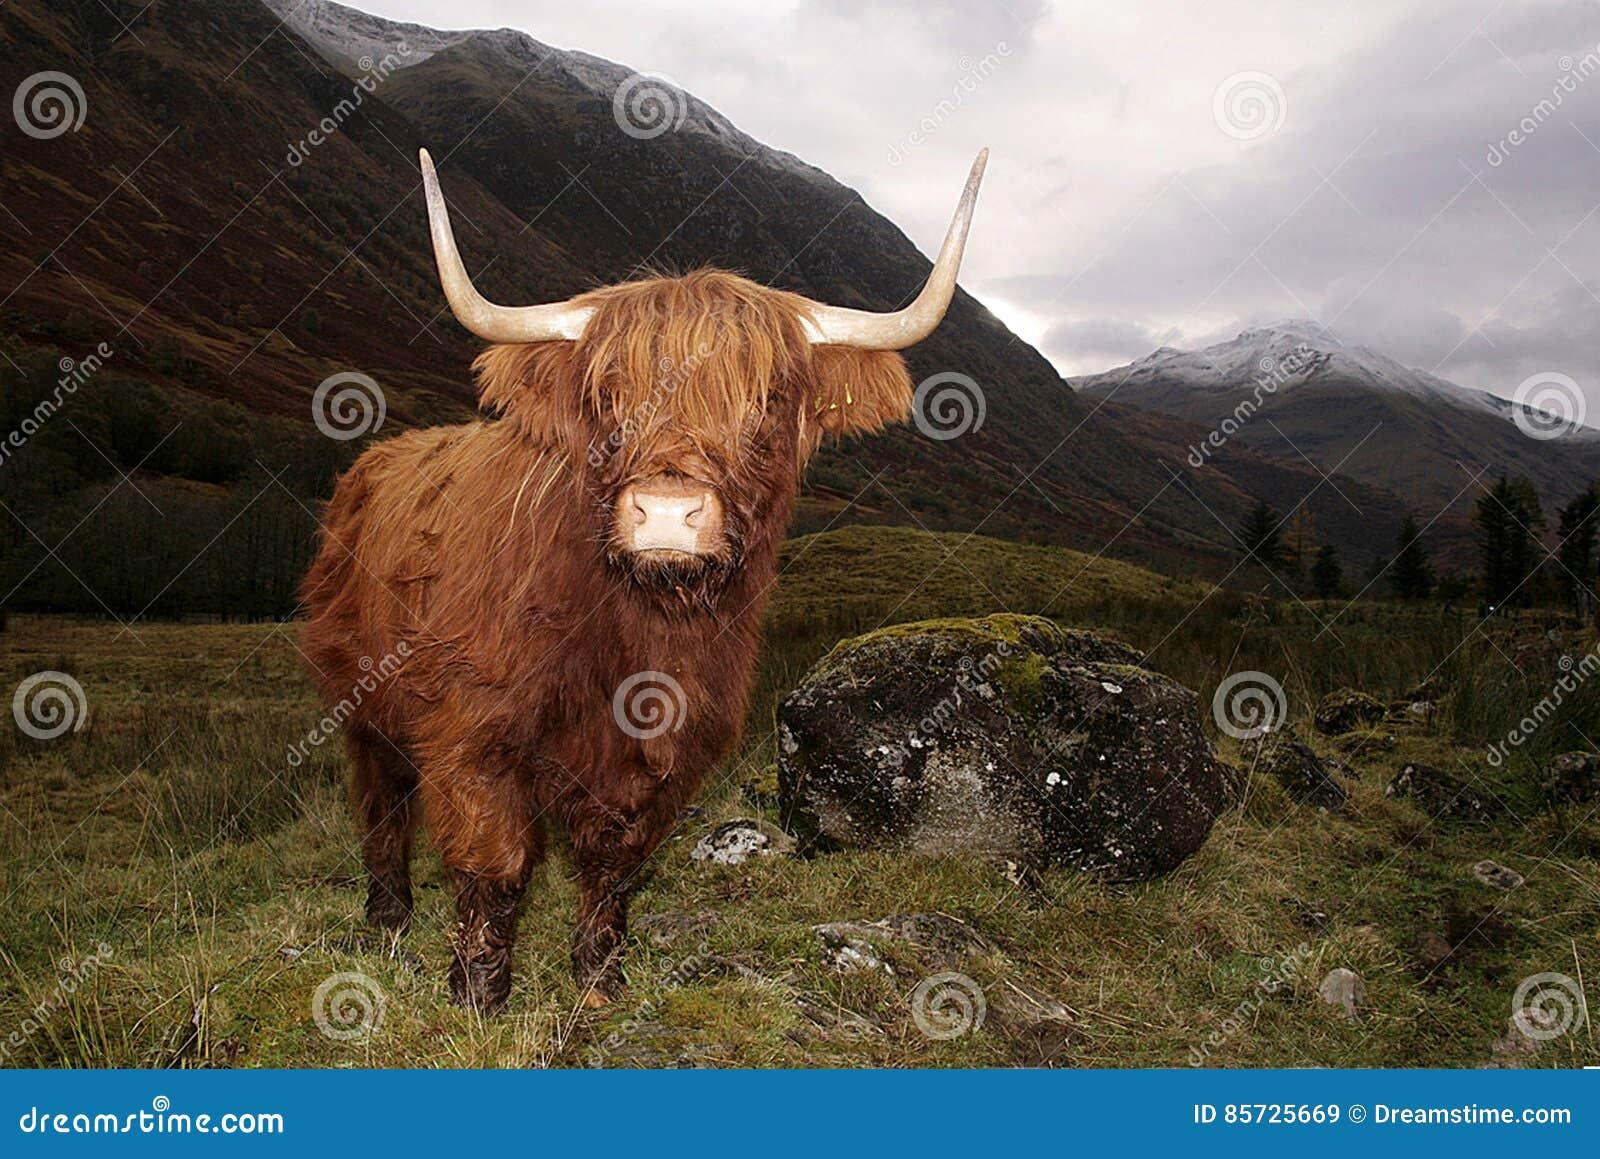 Highland cow in a Glen Coe, Scotland